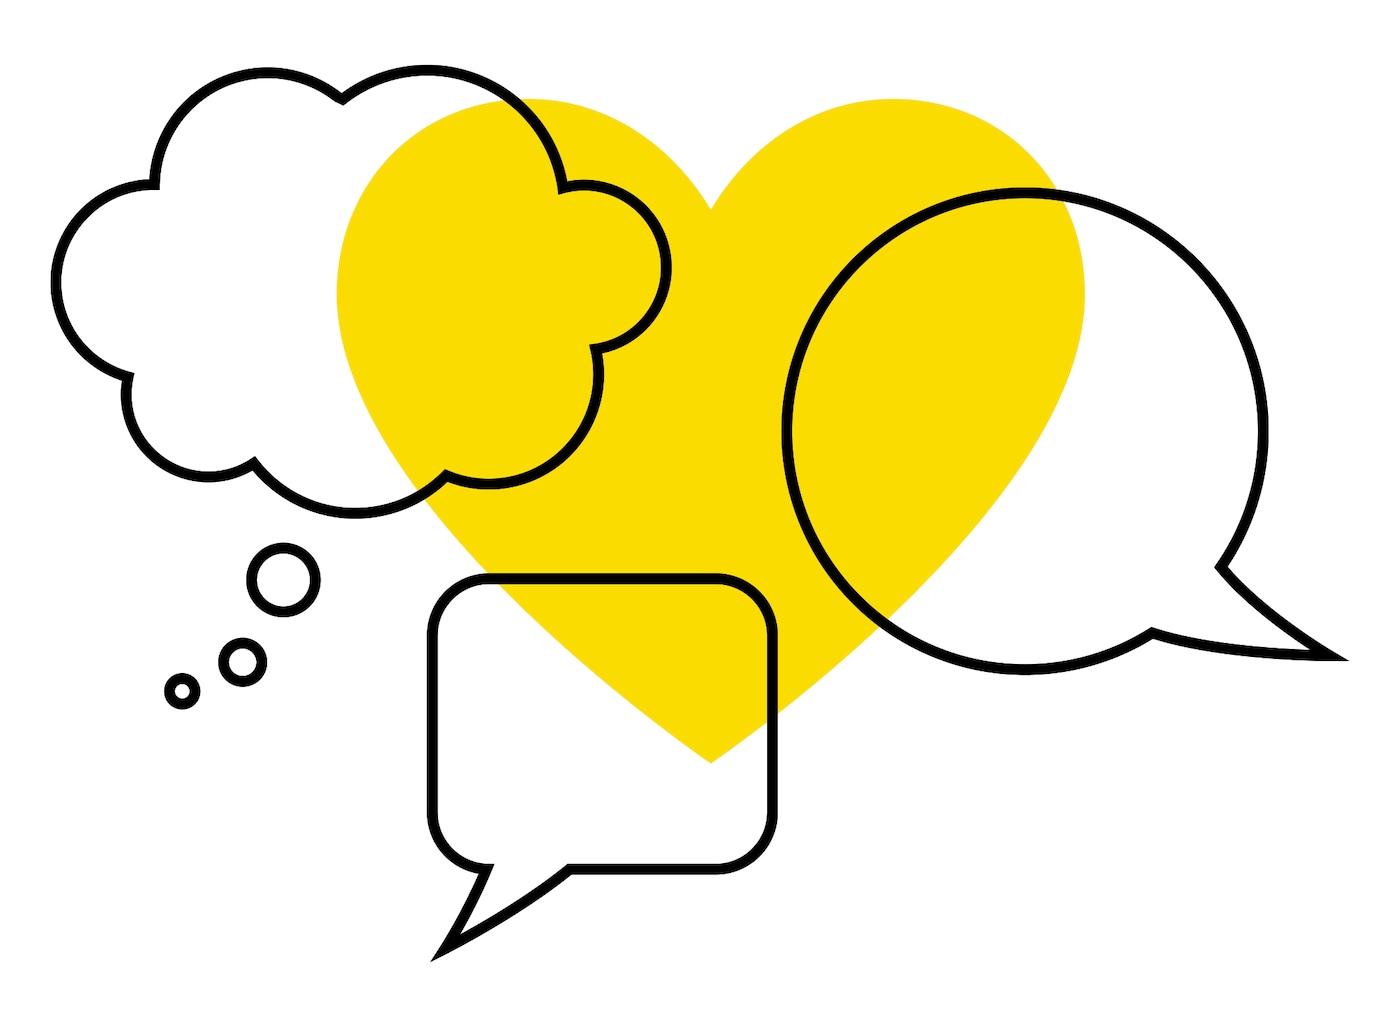 黄色いハートの上に3種類のスピーチバブルを配した、新型コロナウイルス関連の発信に関するイケアのシンボル